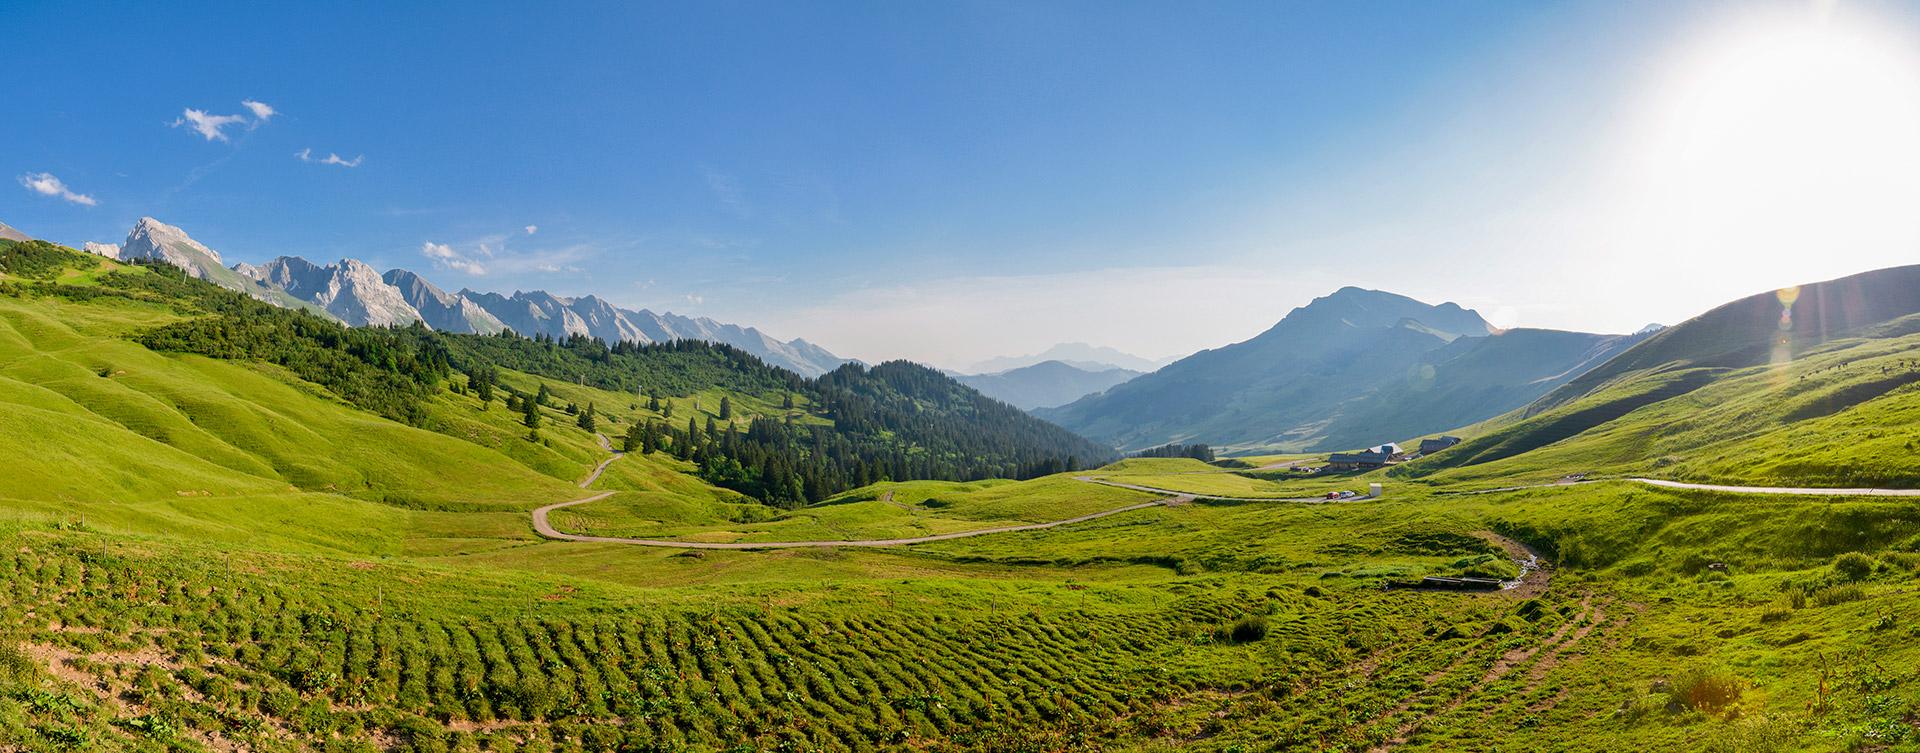 e15-dsc6311-dsc6316-paysages-d-machet-le-grand-bornand-231716 - © © D. Machet